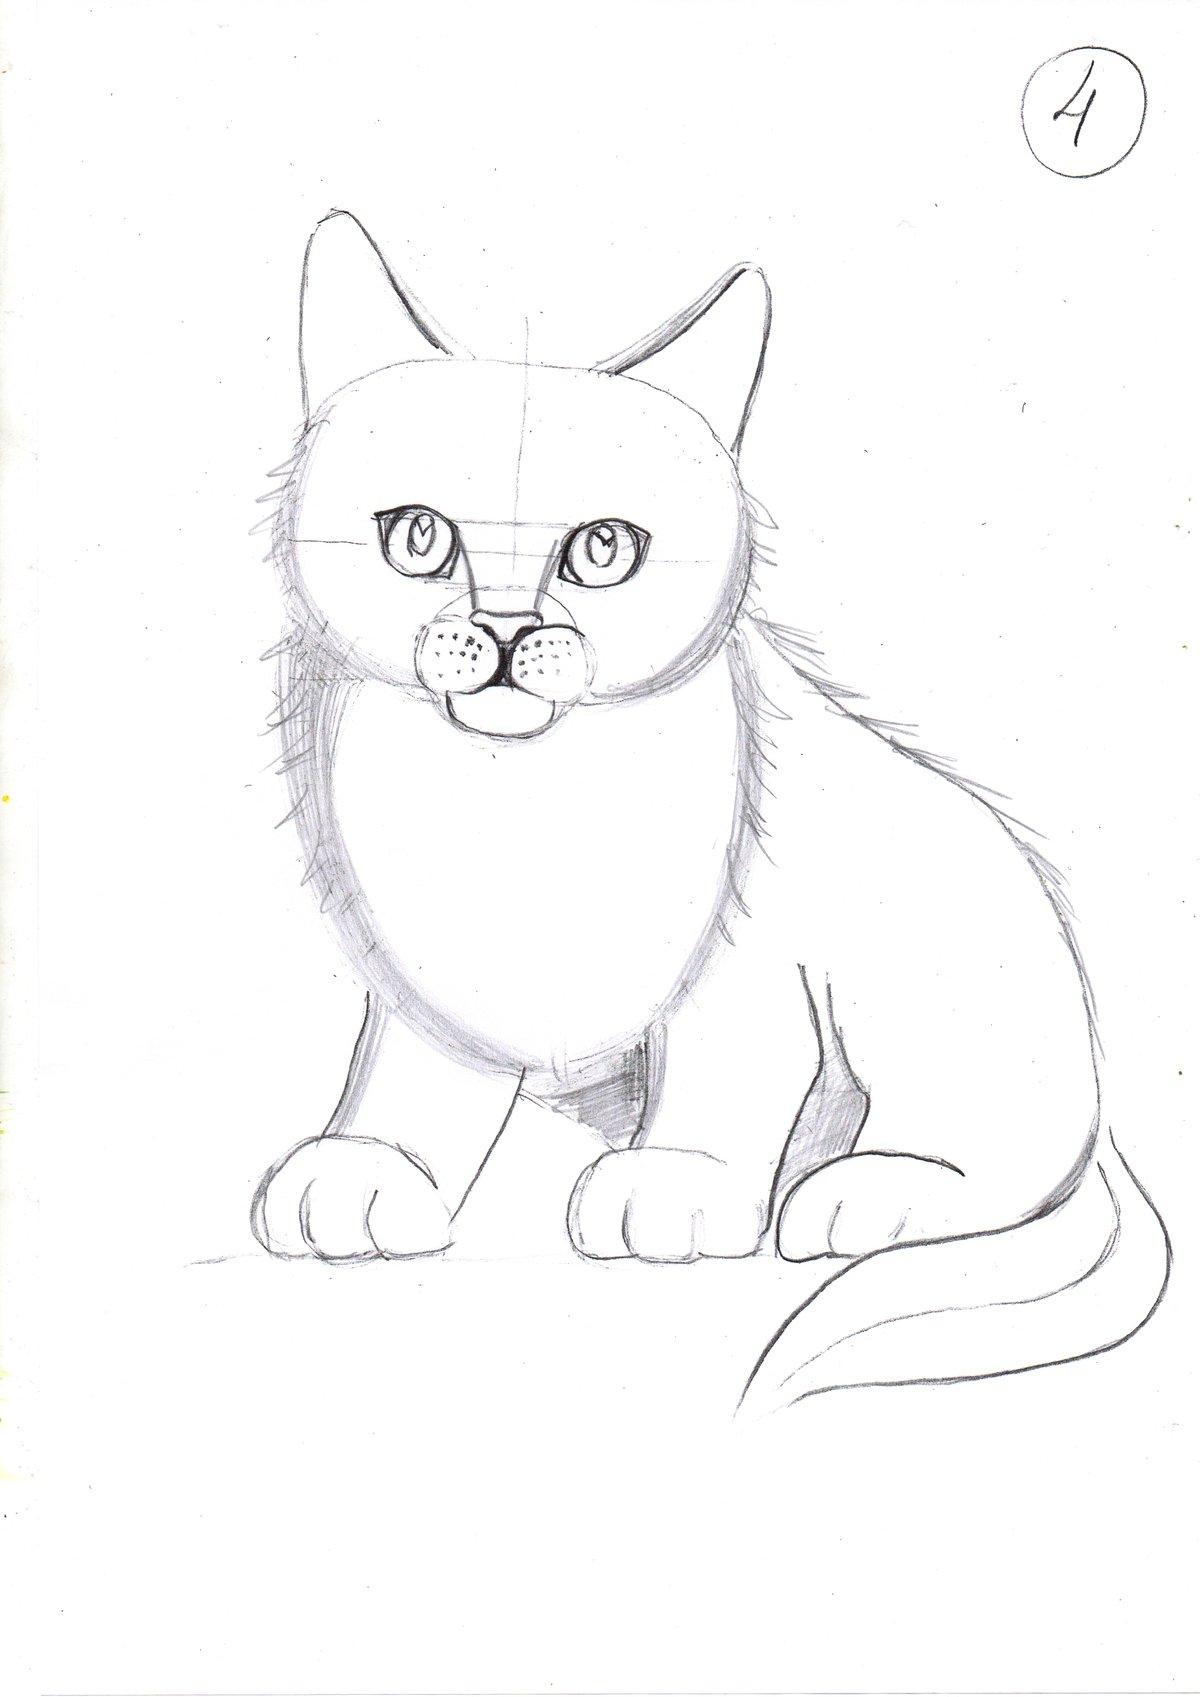 нарисовать рисунок легко